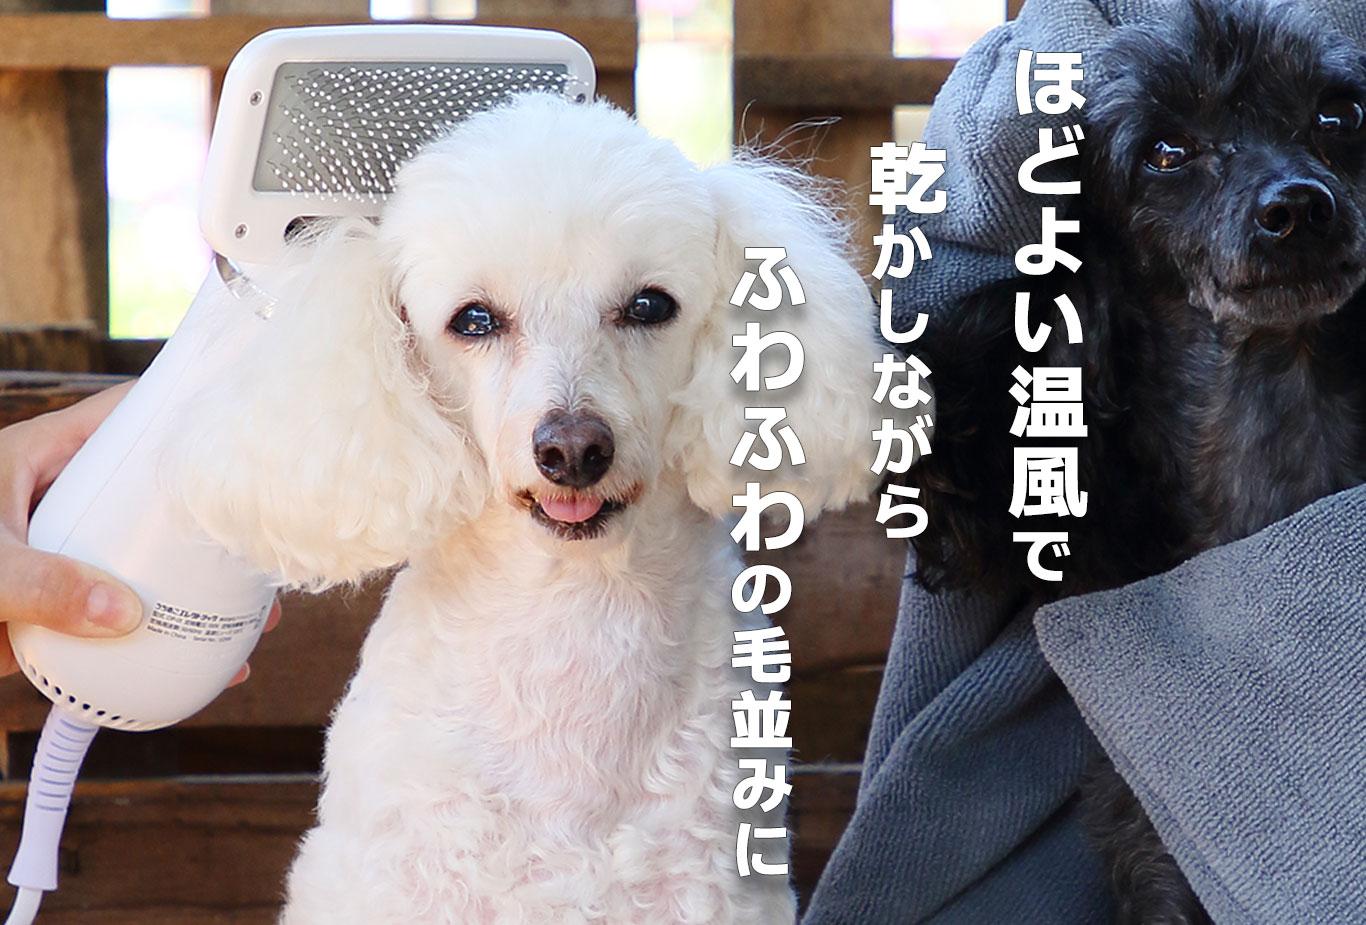 ほどよい温風で乾かしながらふわふわの毛並みに。犬 画像